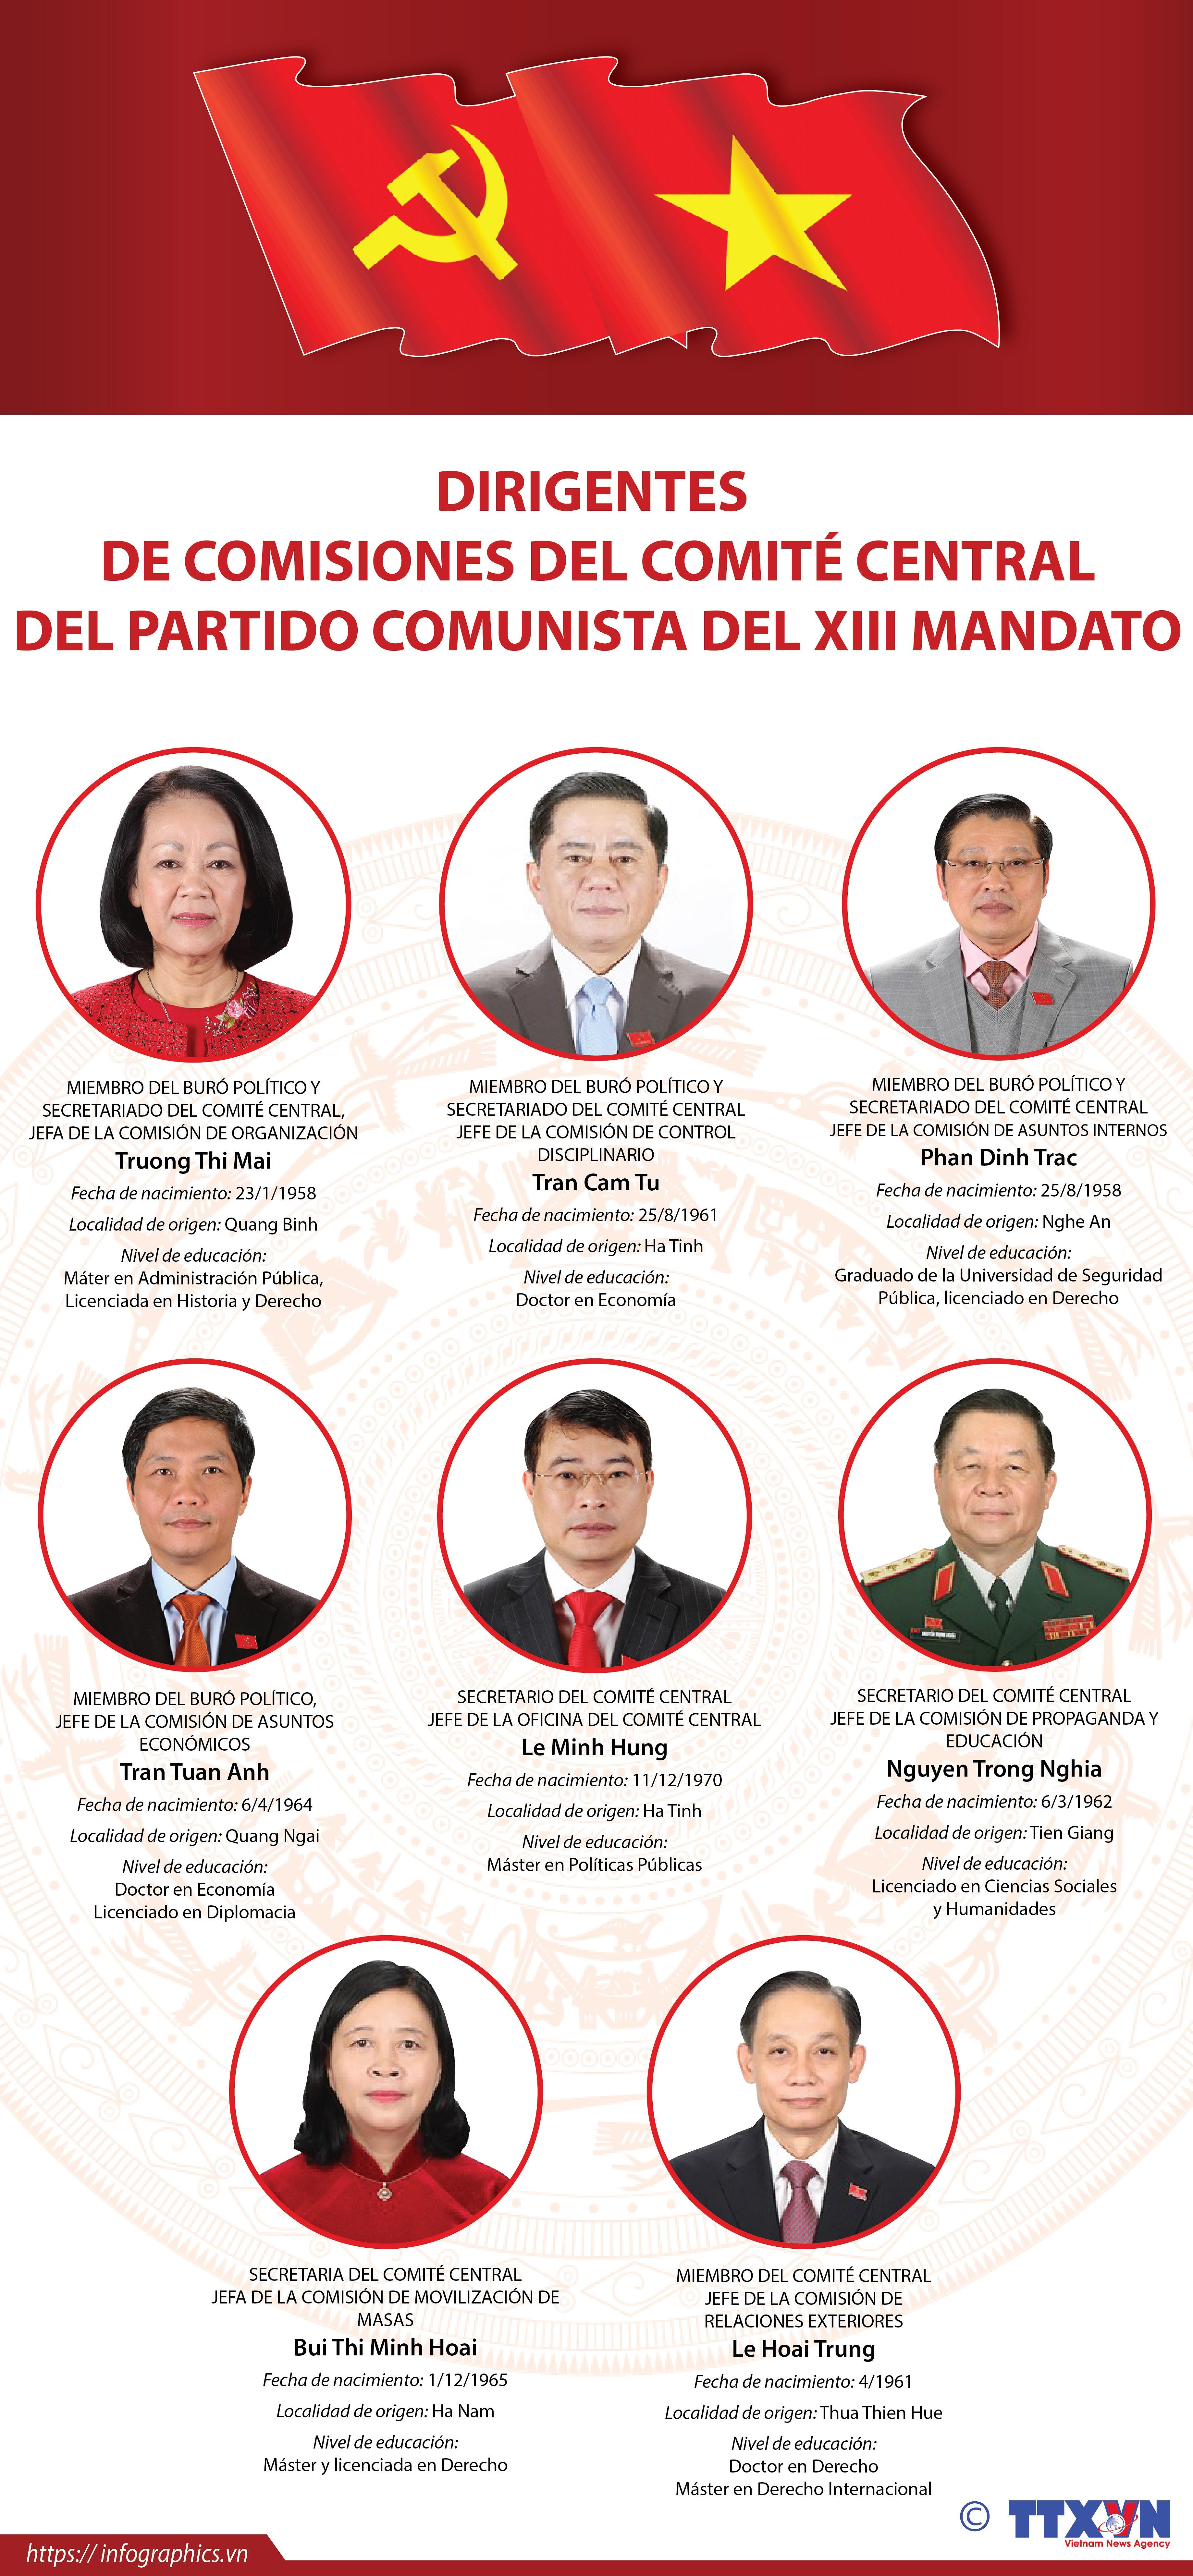 Los dirigentes de las comisiones del Comite Central del Partido Comunista de Vietnam hinh anh 1